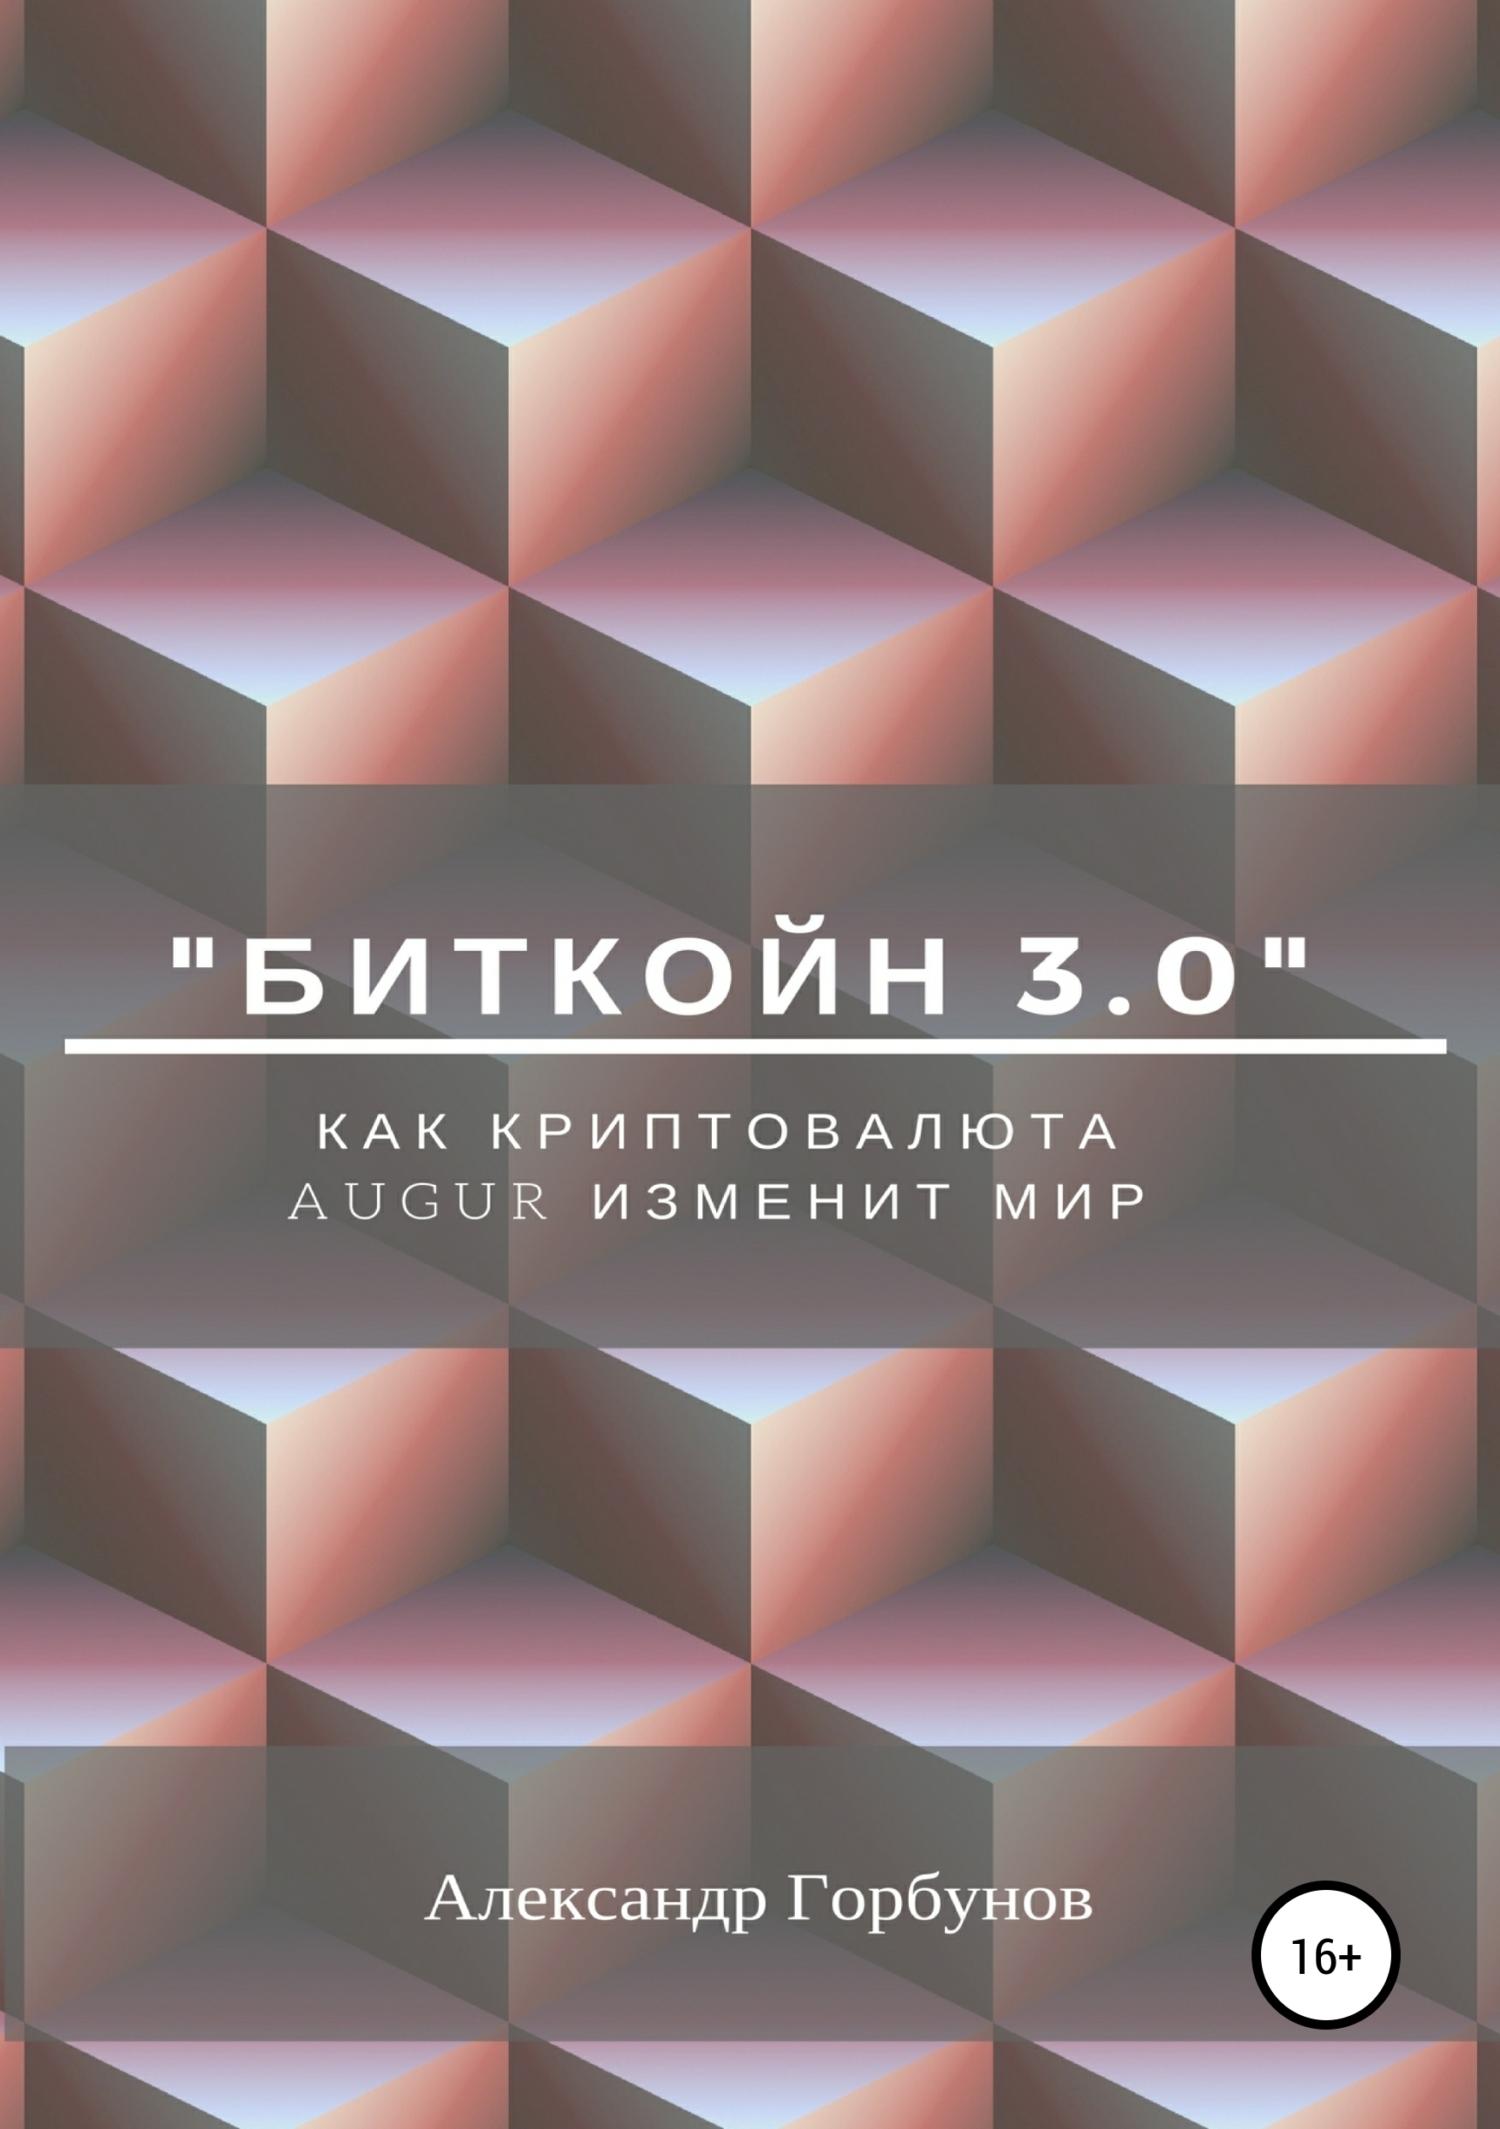 Александр Горбунов «Биткойн 3.0». Как криптовалюта Augur изменит мир александр горбунов 54000$ в час или как инвестировать в bitcoin